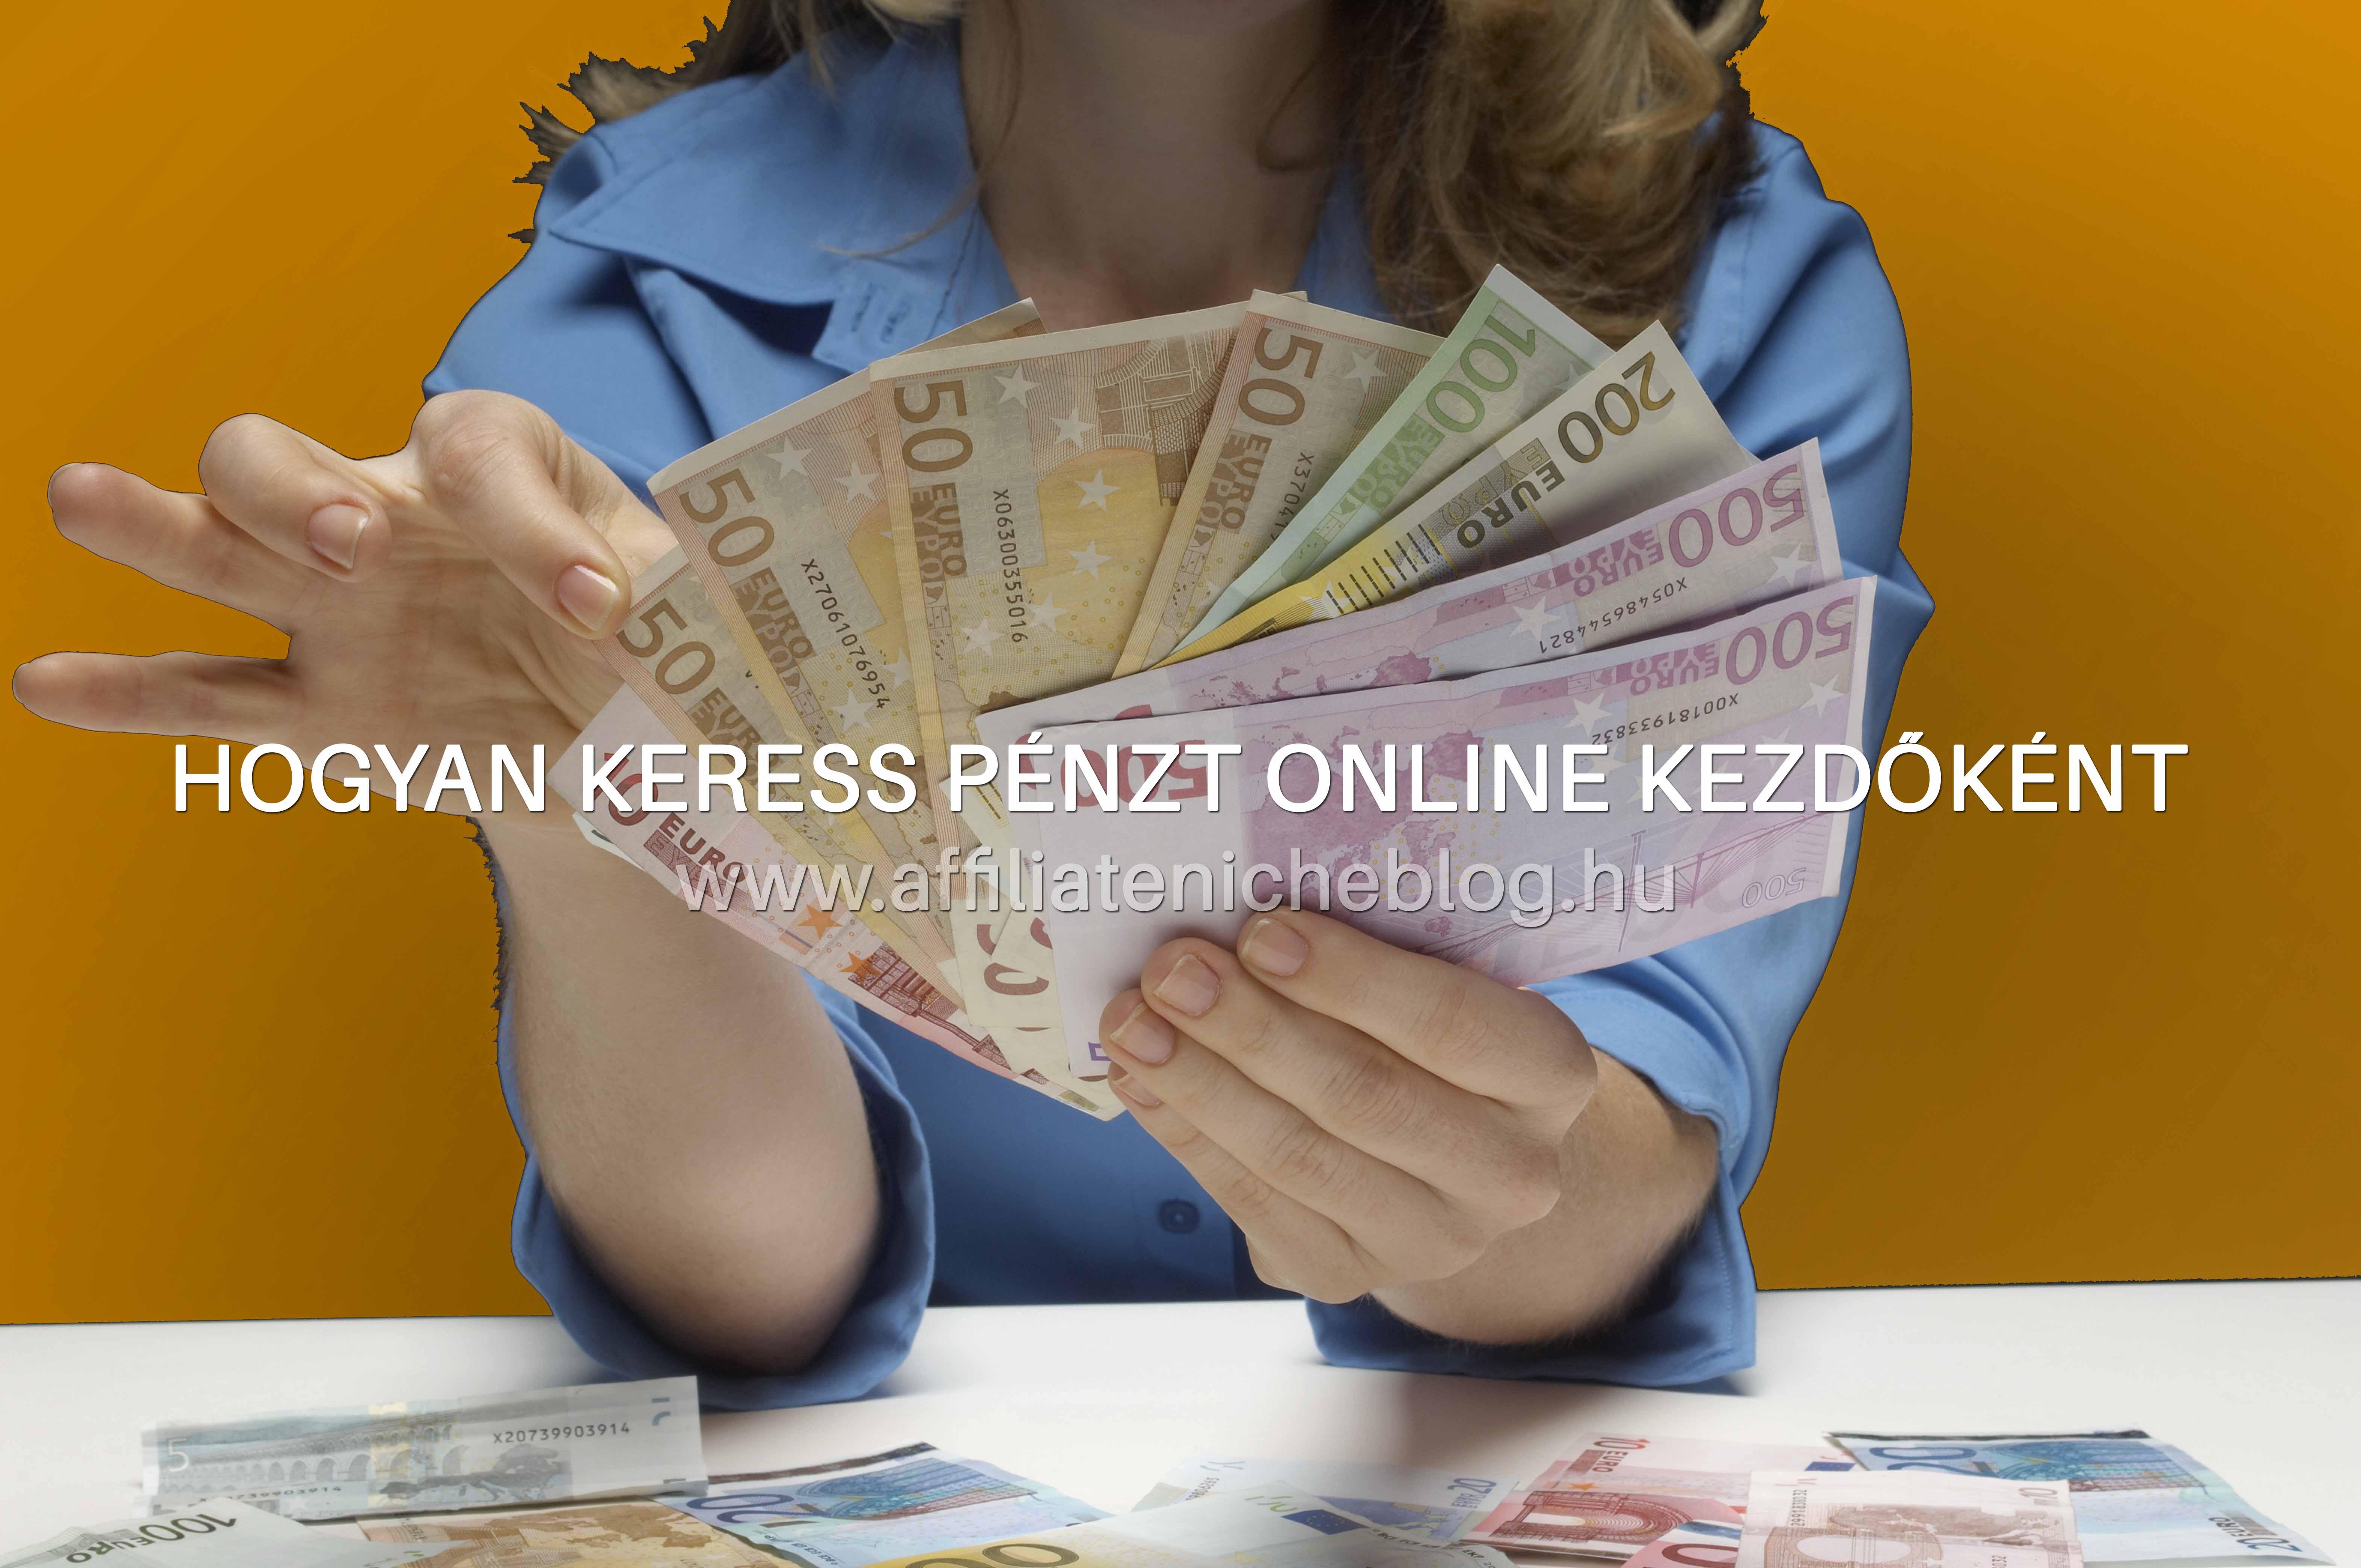 folyamatosan pénzt keresni az interneten)